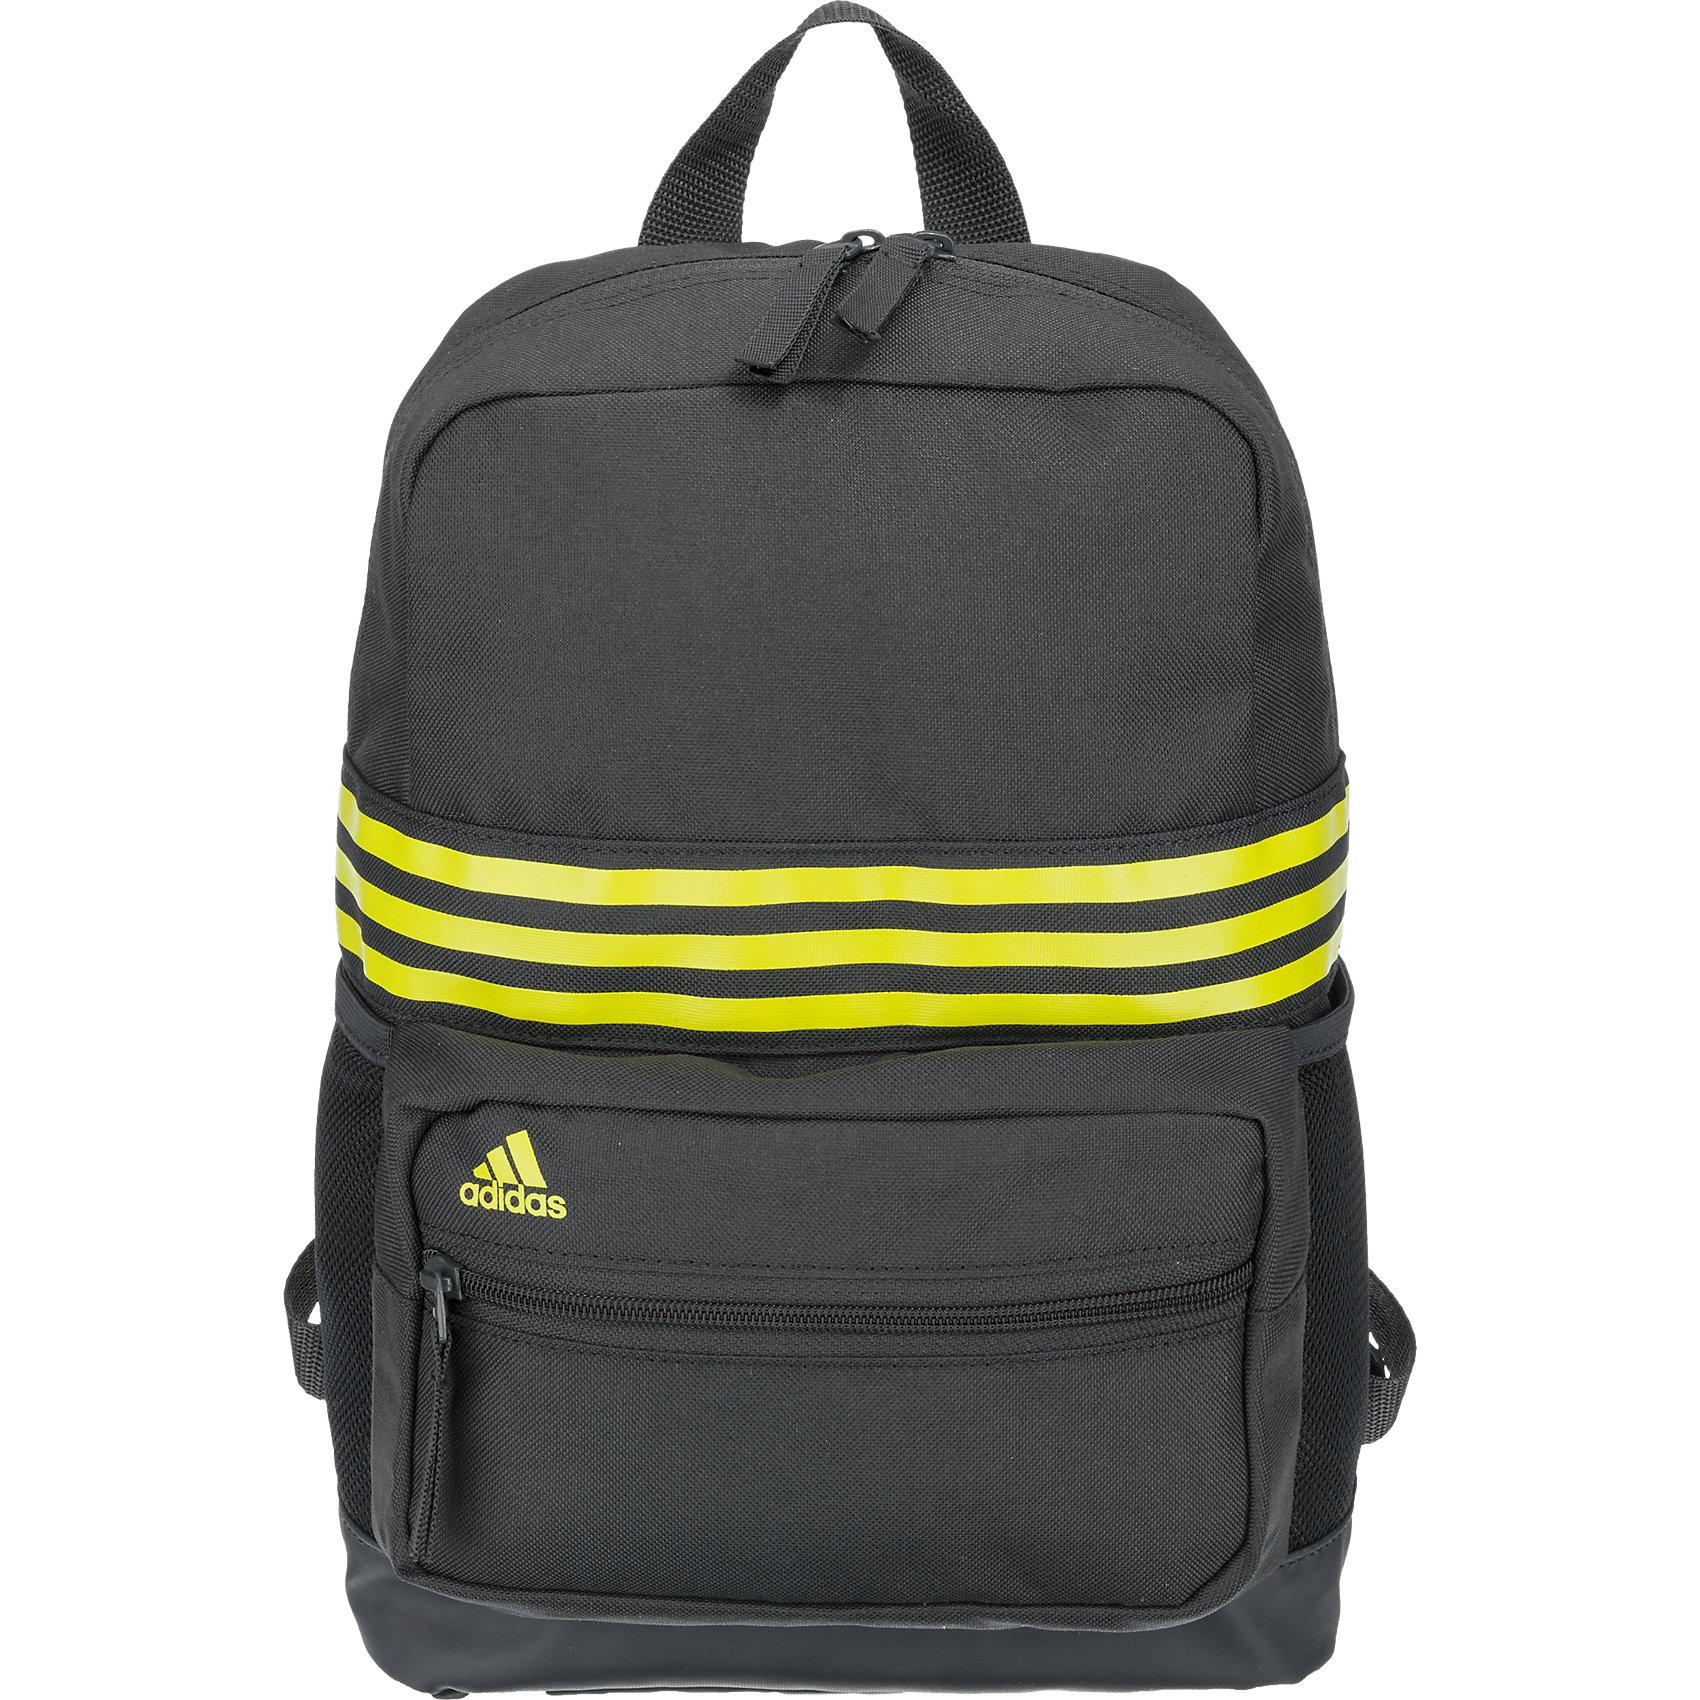 Рюкзак adidasАксессуары<br>Рюкзак Аdidas (Адидас).<br><br>Характеристики:<br><br>• Цвет: черный, желтый.<br>• Состав: 100% полиэстер.<br>• Размер:11х23,5х33см.<br>• Рюкзак с большим количеством карманов и удобными ремешками.<br>• Сделано с жестким ламинированным основанием.<br>• Основное отделение на молнии<br>• Передний карман на молнии  для важных вещей<br>• Два боковых сетчатых кармана     <br>• Воздух сетки проложенные плечевые ремни с эргономичной формой   <br>• Петля на вершине для переноски в руках    <br><br>Рюкзак Adidas (Адидас) – это детский рюкзак от известного спортивного бренда. Рюкзак выполнен в черном цвете и декорирован яркими желтыми полосками, а также логотипом торговой марки. Основное отделение на молнии. Наружный карман на молнии. Для удобства предусмотрены боковые сетчатые карманы. У данной модели регулируемые эргономичные лямки, дно с прочным ламинированием из термопластичной резины Модель одинаково подходит и  мальчикам и девочкам. Пусть ваши дети занимаются спортом с комфортом!<br><br>Рюкзак Adidas (Адидас), можно купить в нашем интернет – магазине.<br><br>Ширина мм: 349<br>Глубина мм: 296<br>Высота мм: 76<br>Вес г: 246<br>Цвет: серый<br>Возраст от месяцев: 60<br>Возраст до месяцев: 2147483647<br>Пол: Мужской<br>Возраст: Детский<br>SKU: 4756679